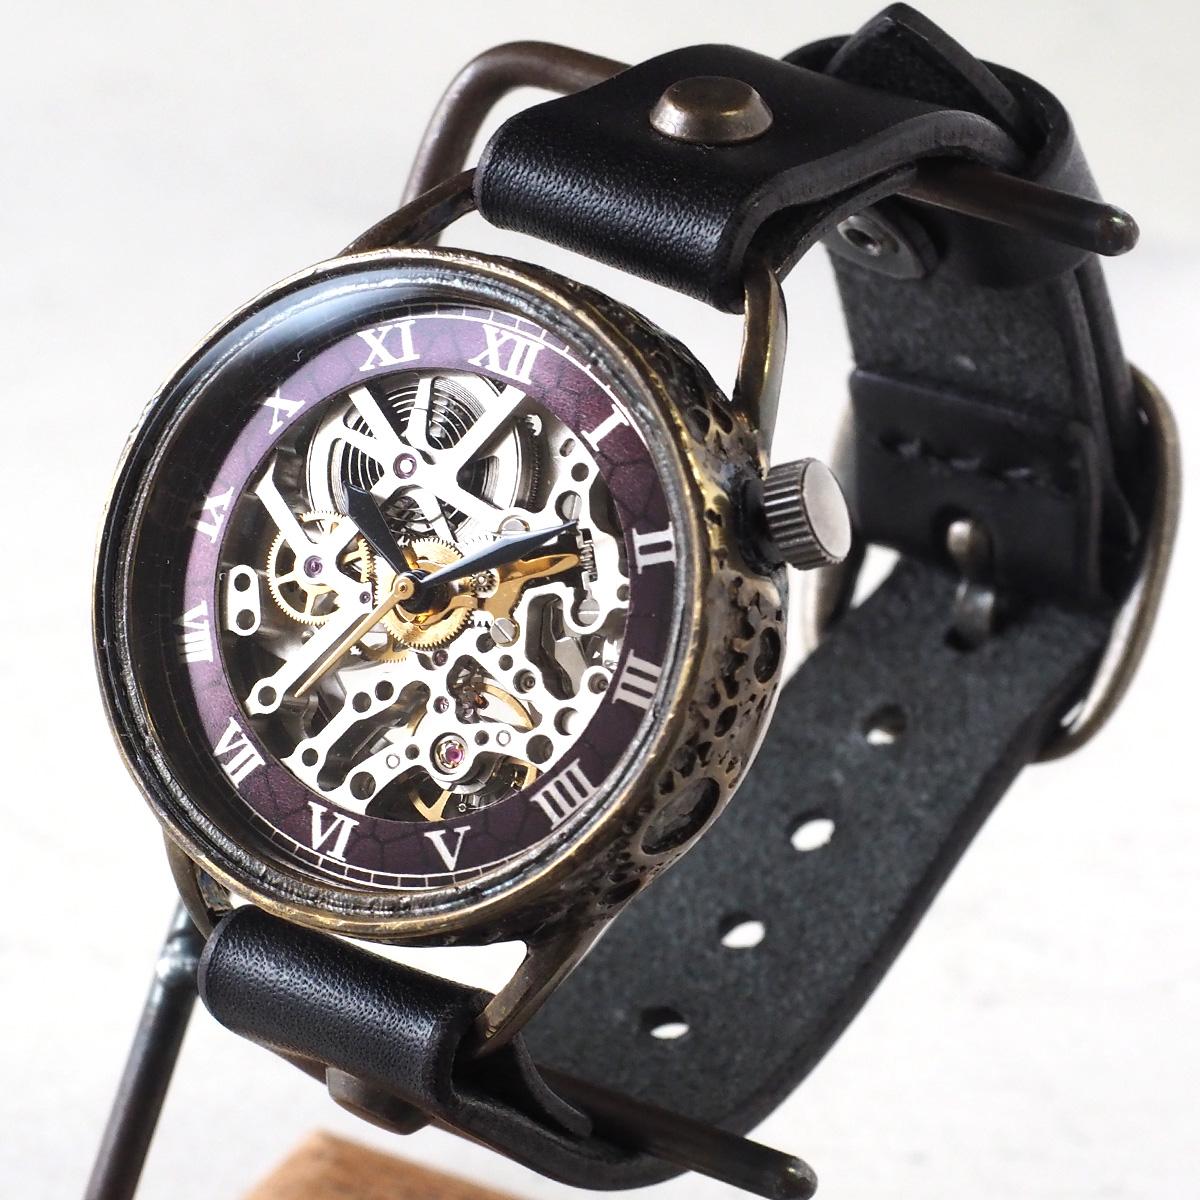 KINO(キノ) 手作り腕時計 自動巻き 裏スケルトン メカニックシルバー ブラック